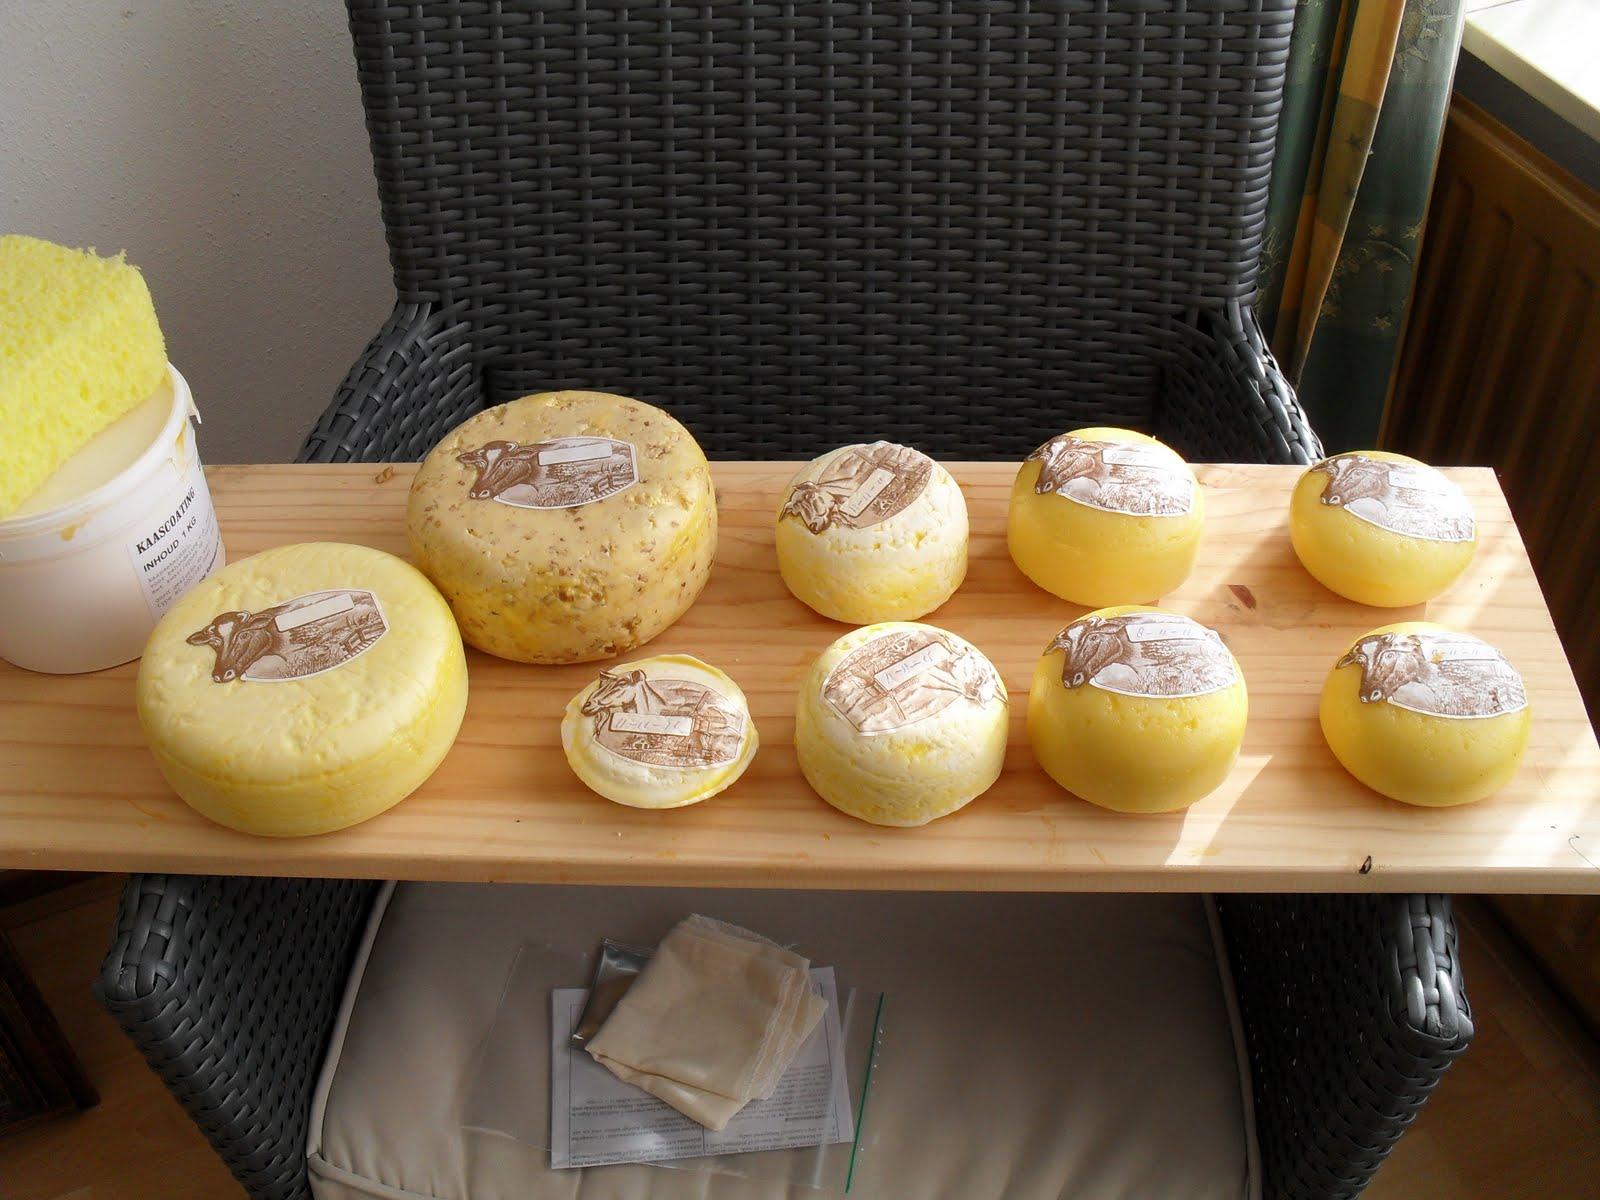 Zelf kaas maken levenvanhetland blog for Kleine vijverfilter zelf maken